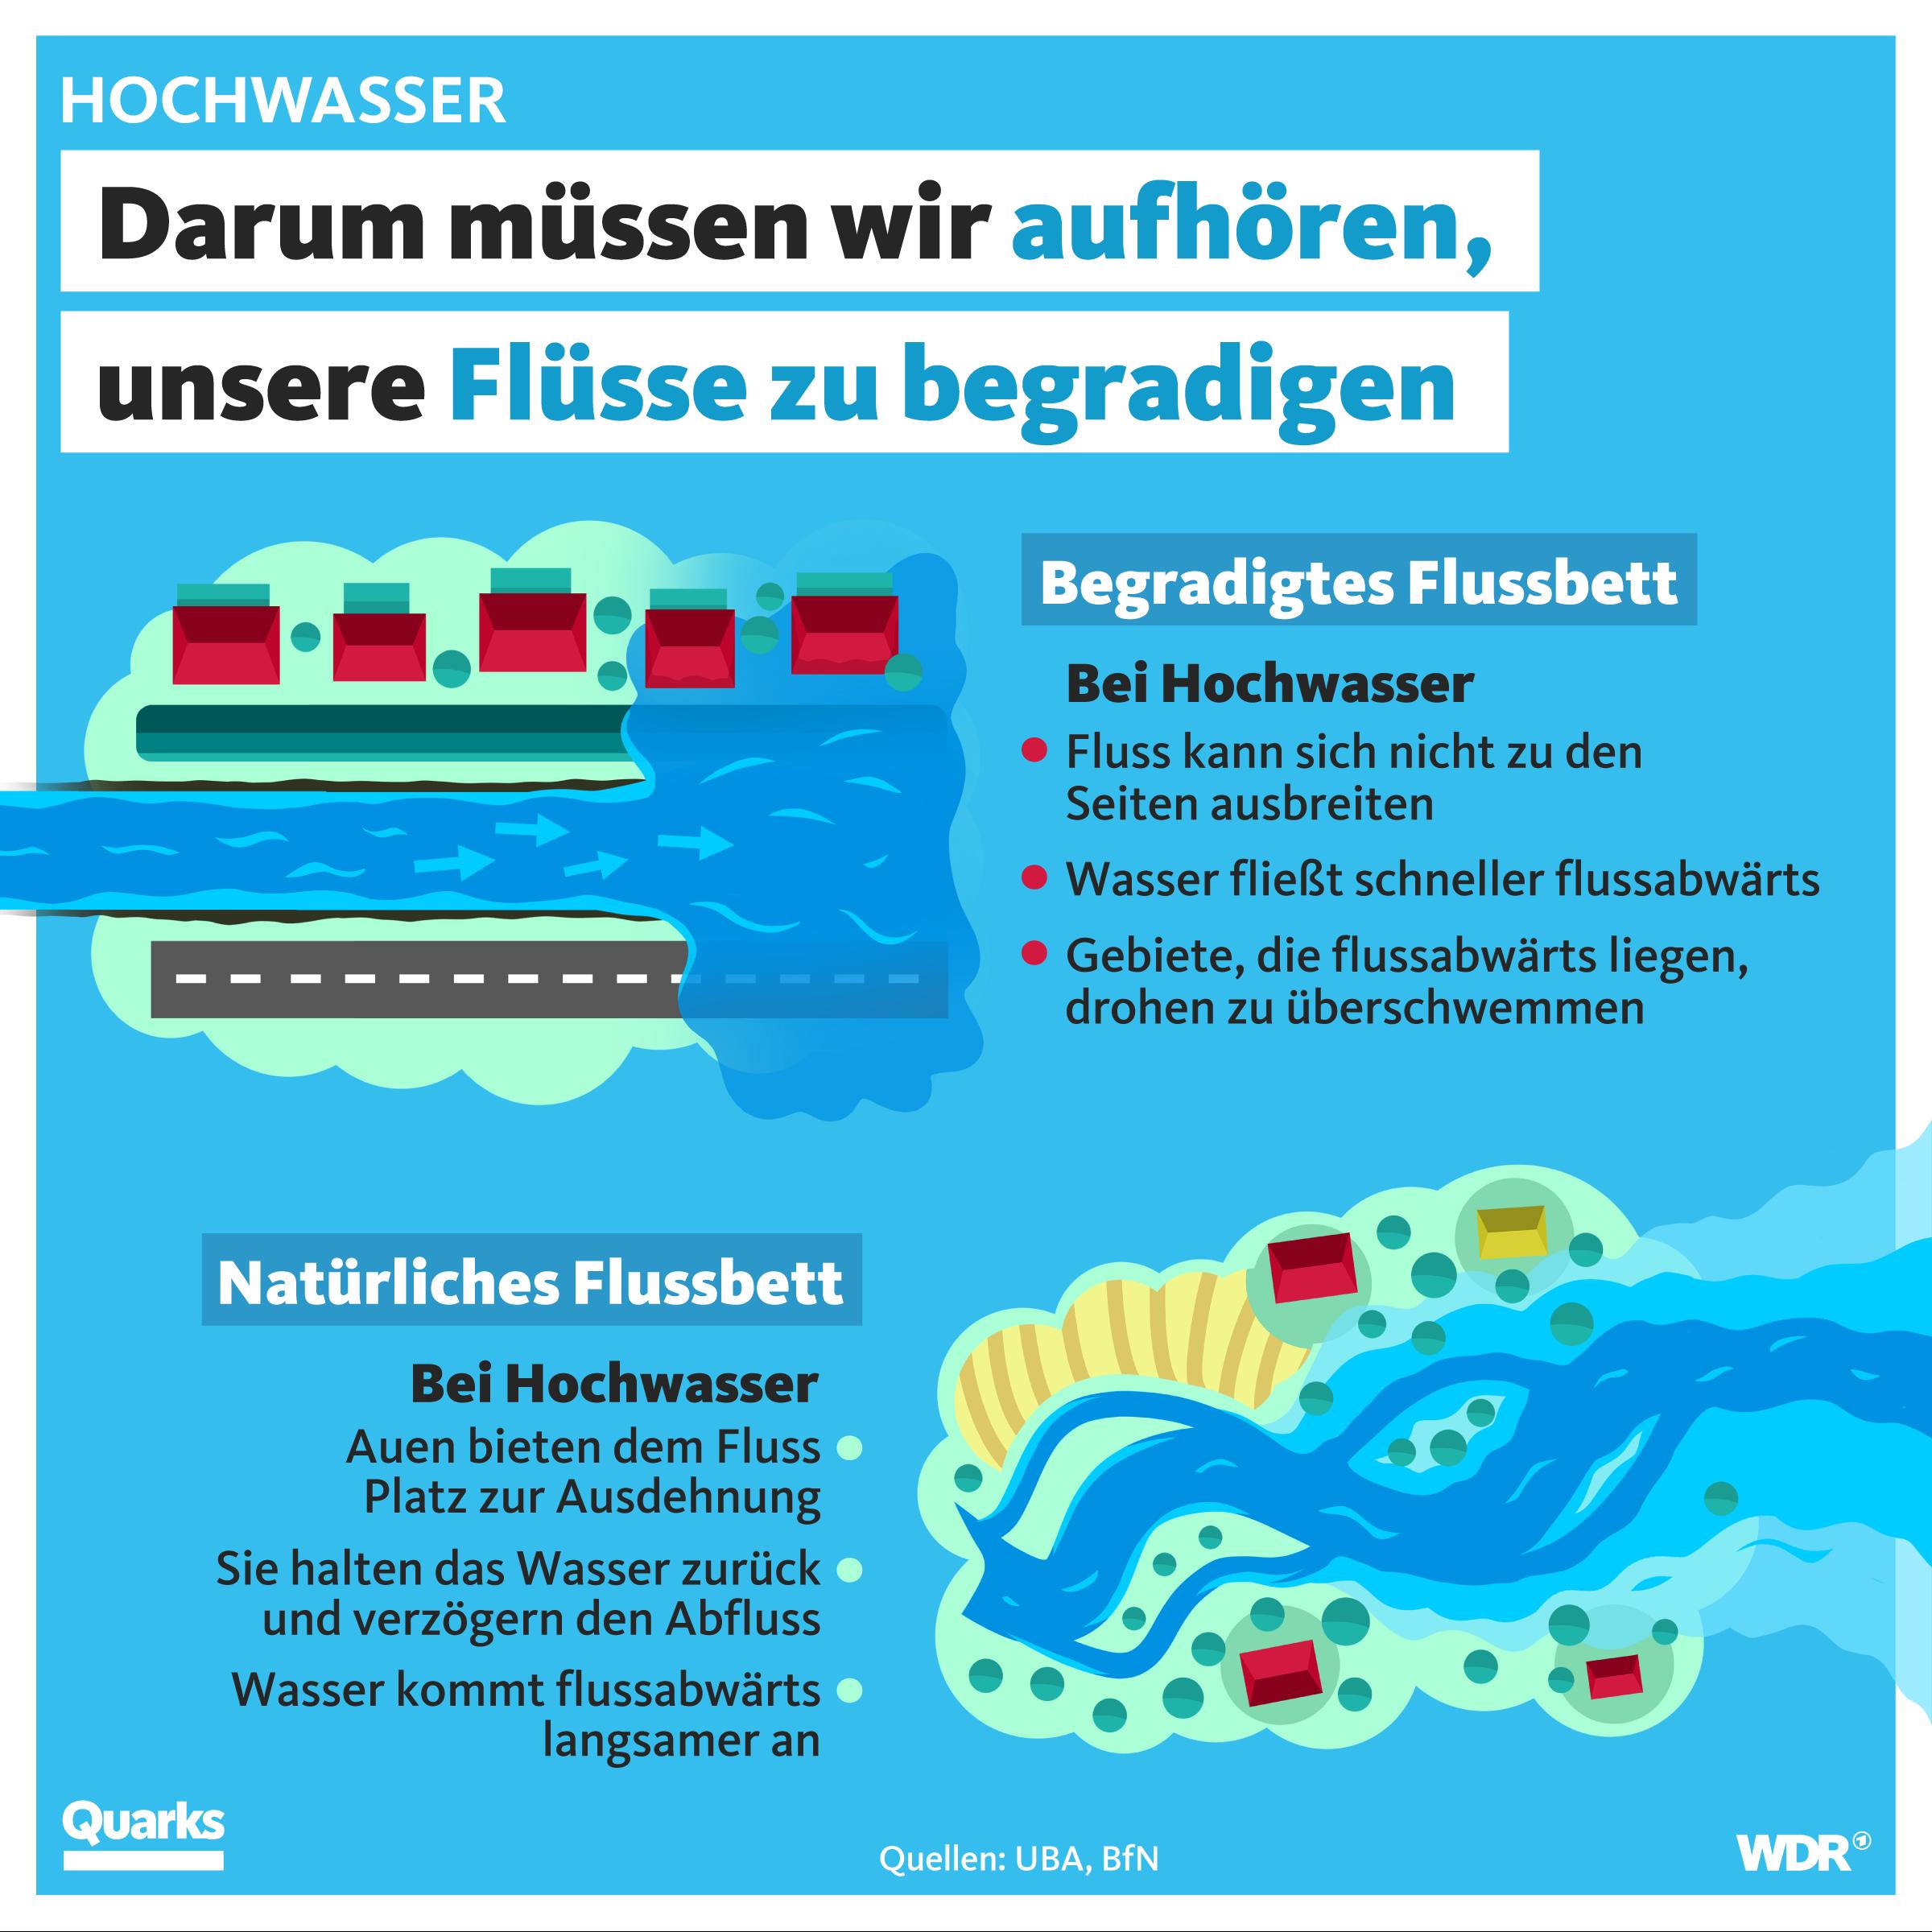 Darum müssen wir aufhören, unsere Flüsse zu begradigen